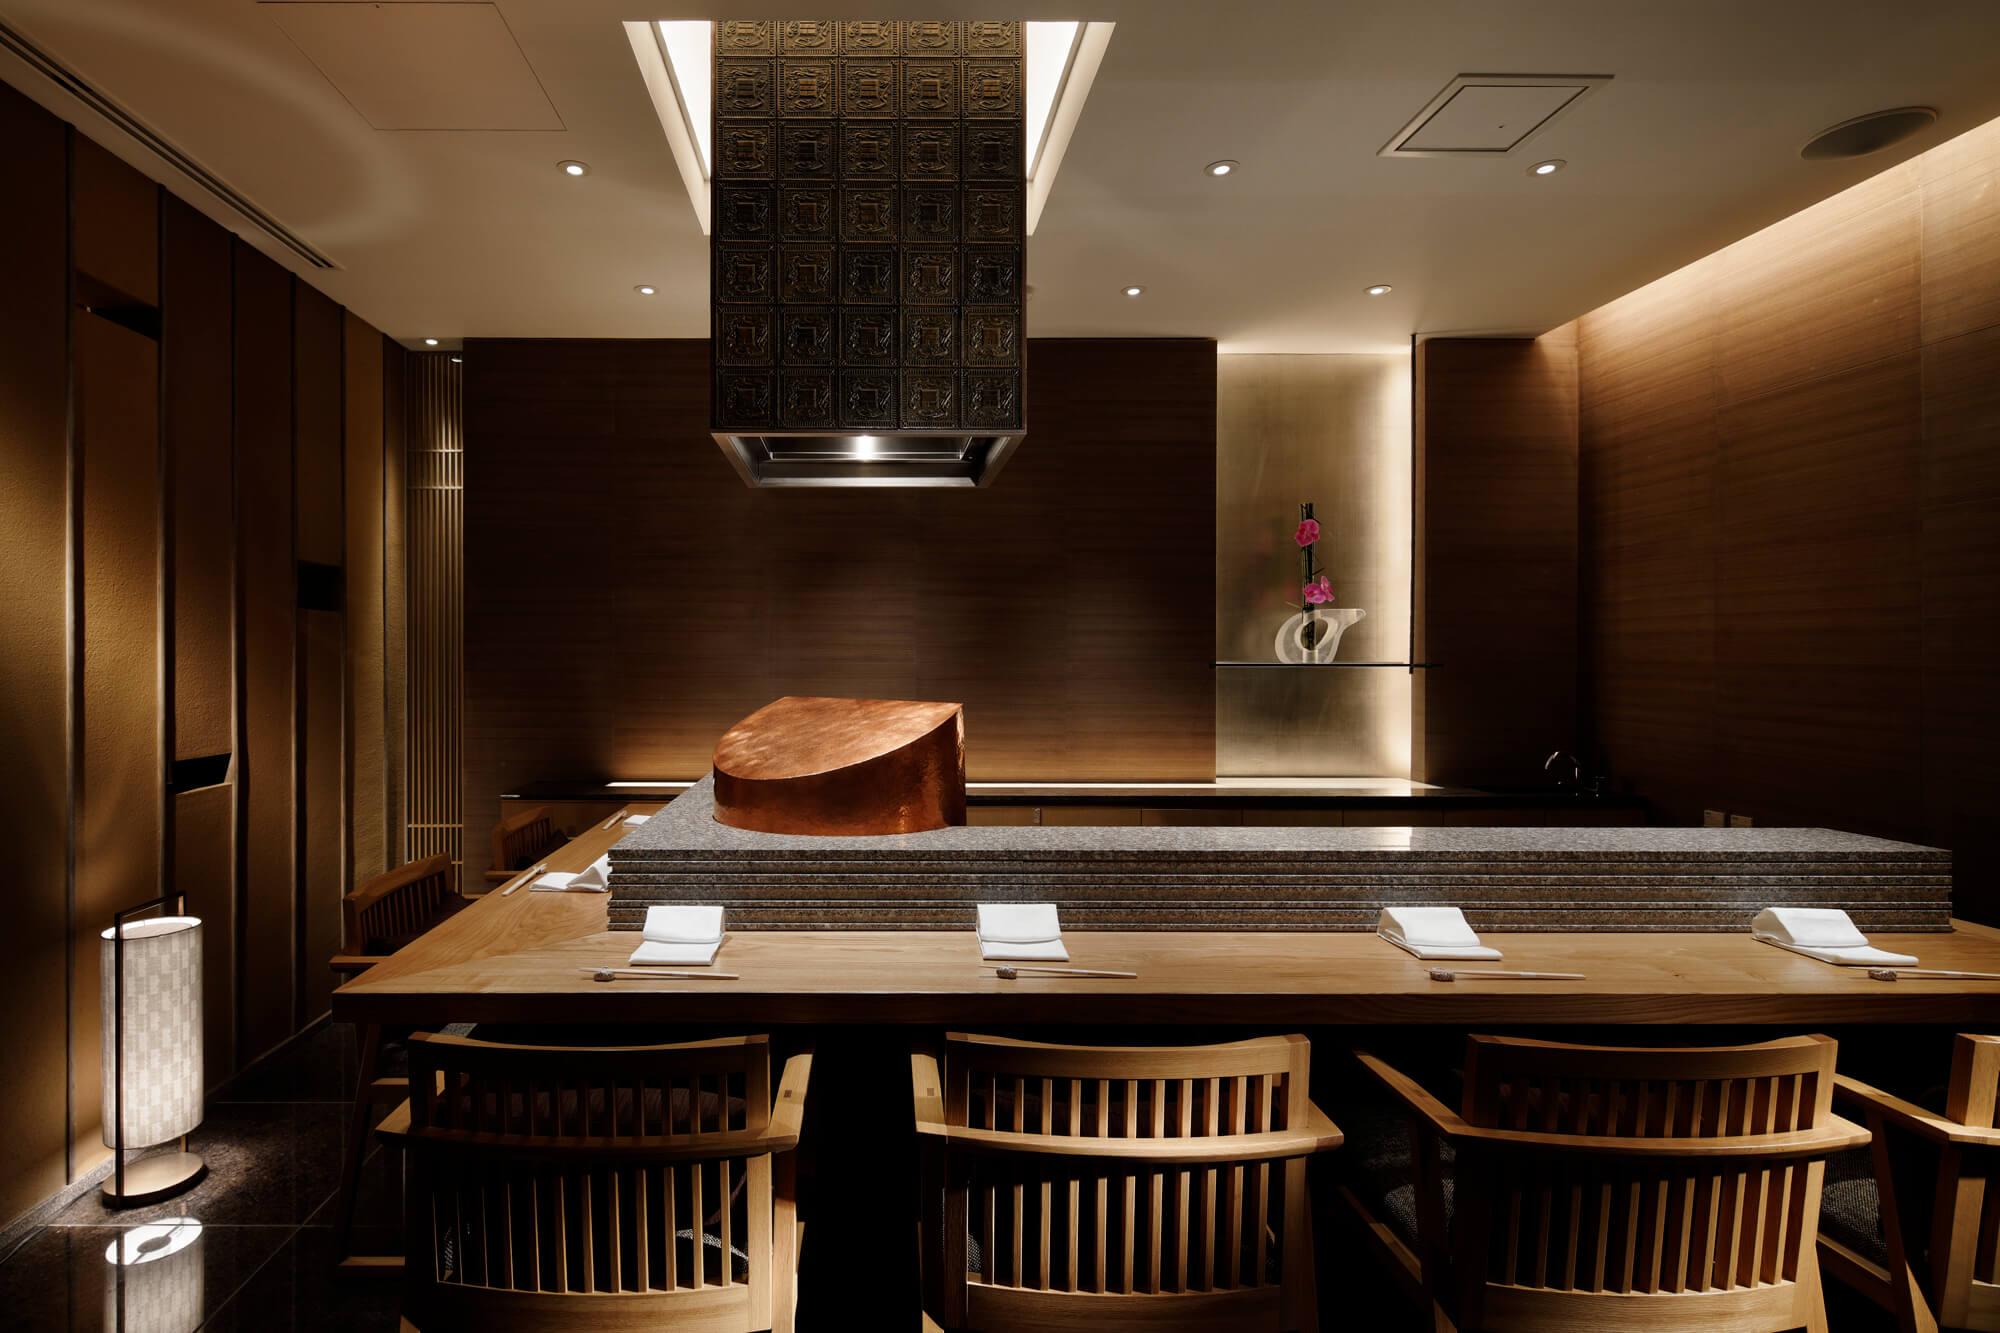 パレスホテル東京 巽